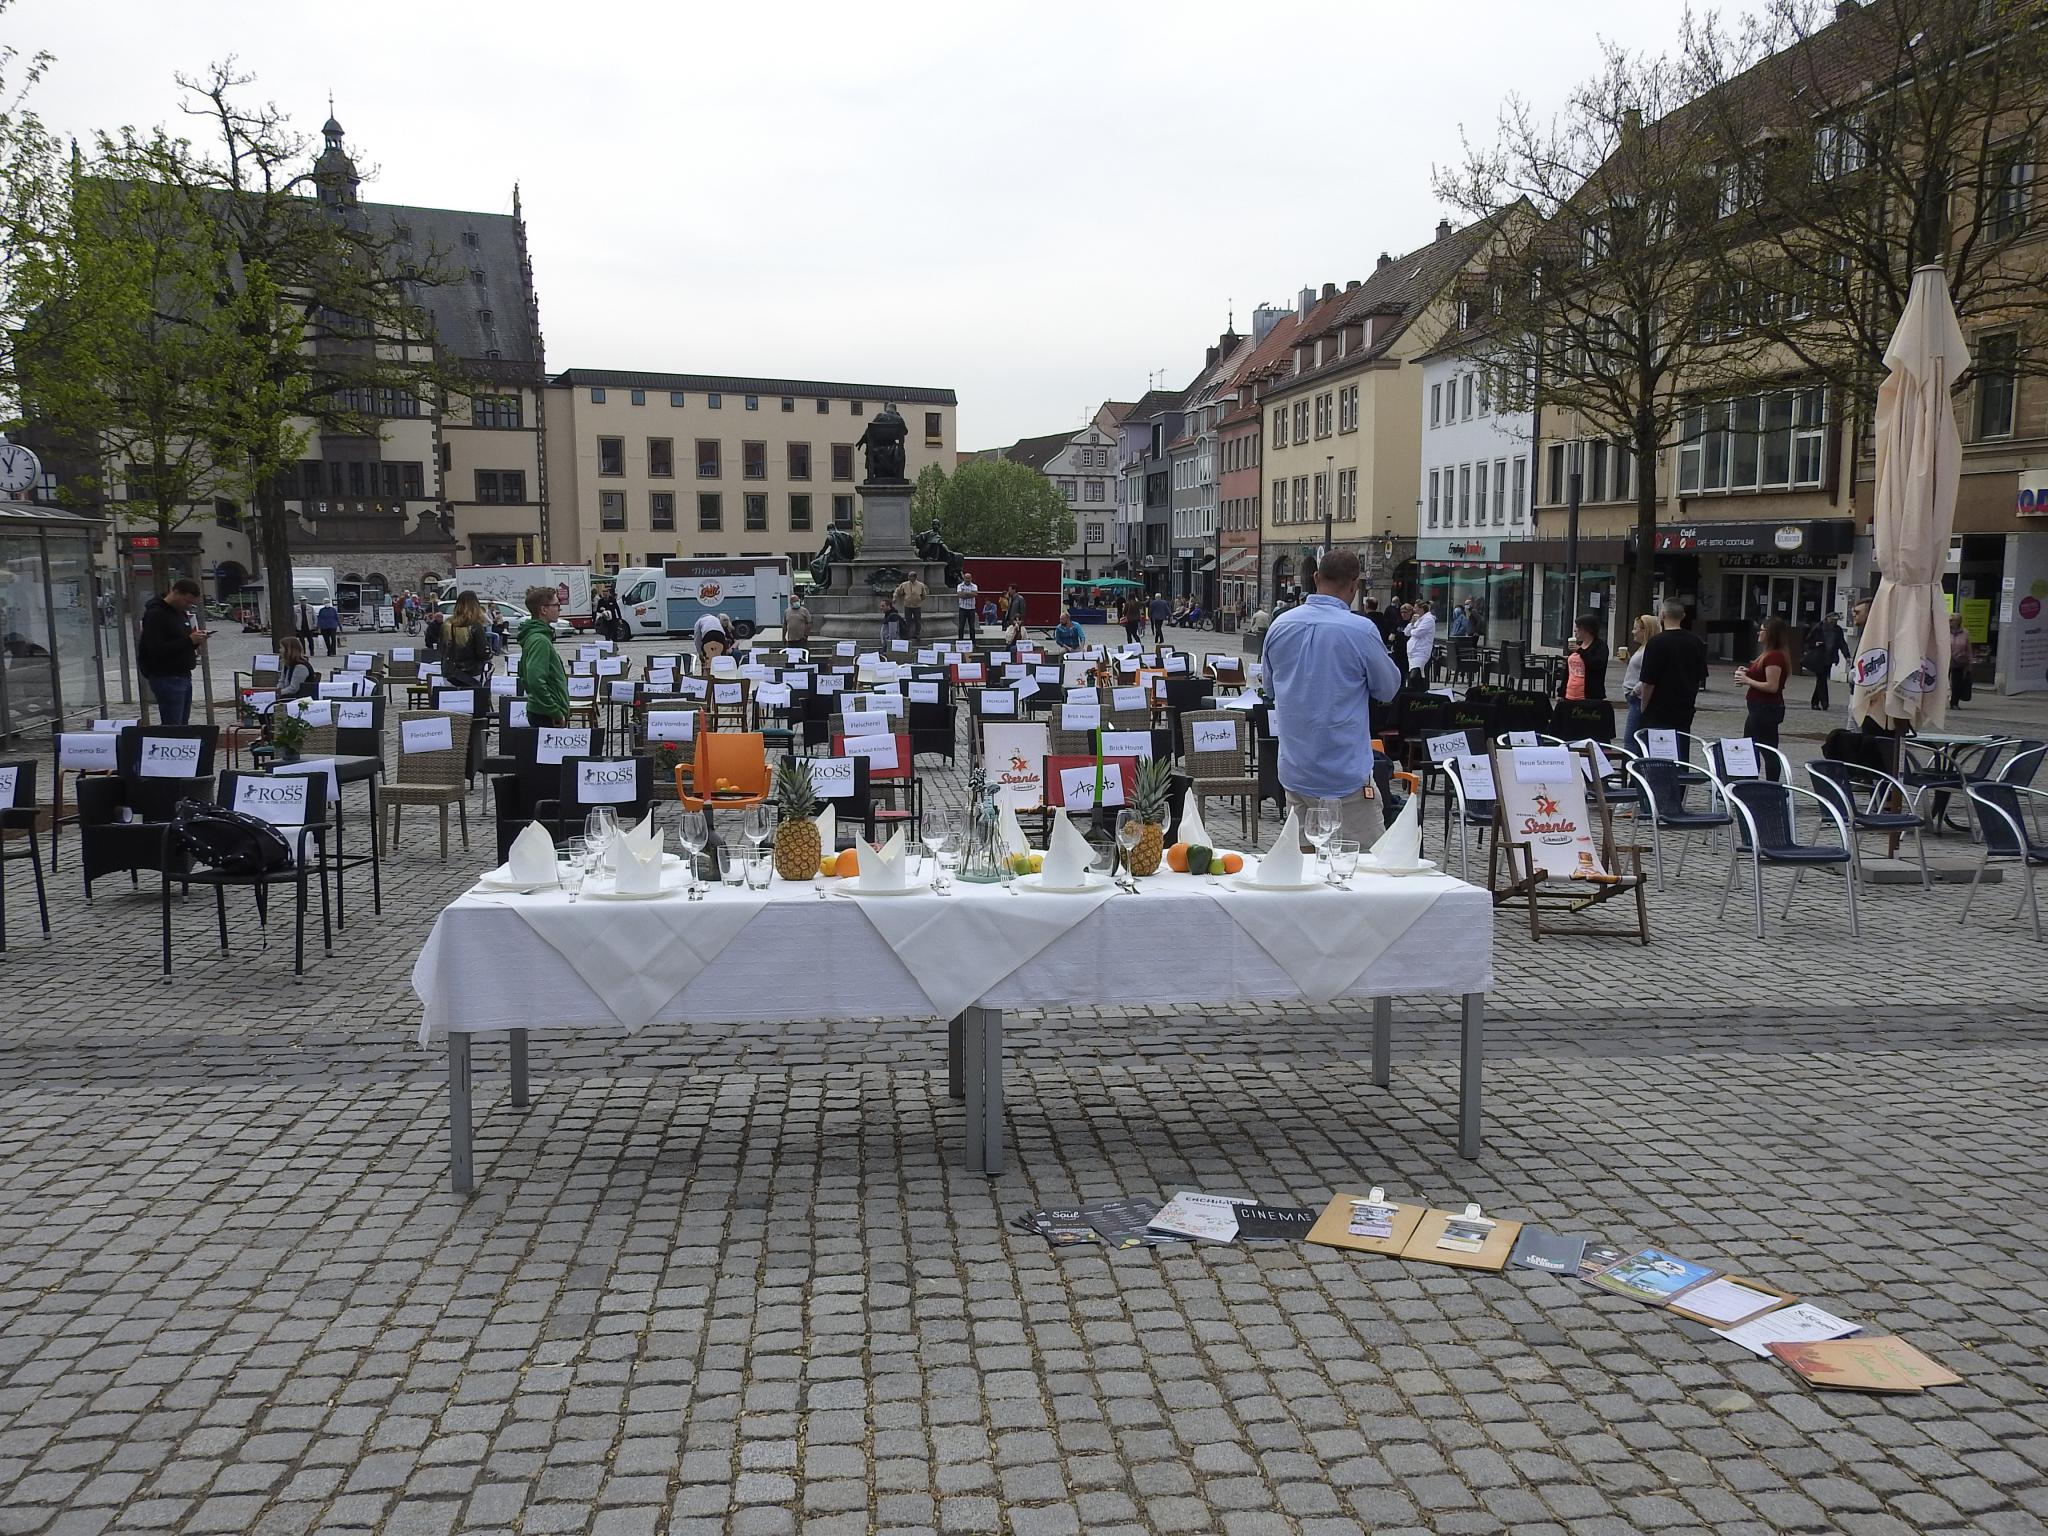 """Zahlreiche Gastronomen beteiligten sich an der stillen Demo """"Leere Stühle"""". Foto: Dirk Flieger"""